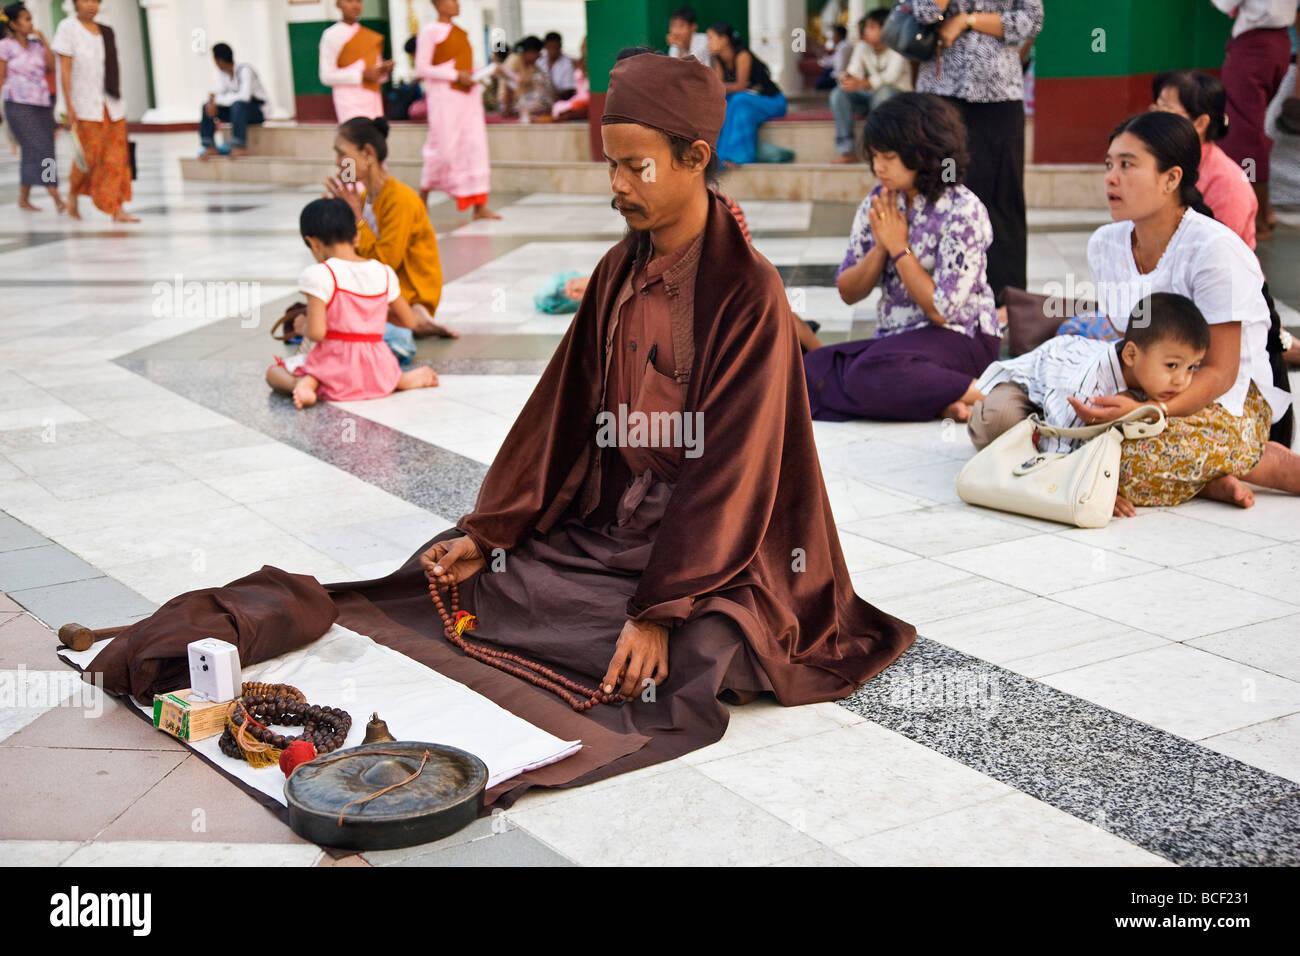 Myanmar, Burma, Yangon  A Tibetan Buddhist monk and others